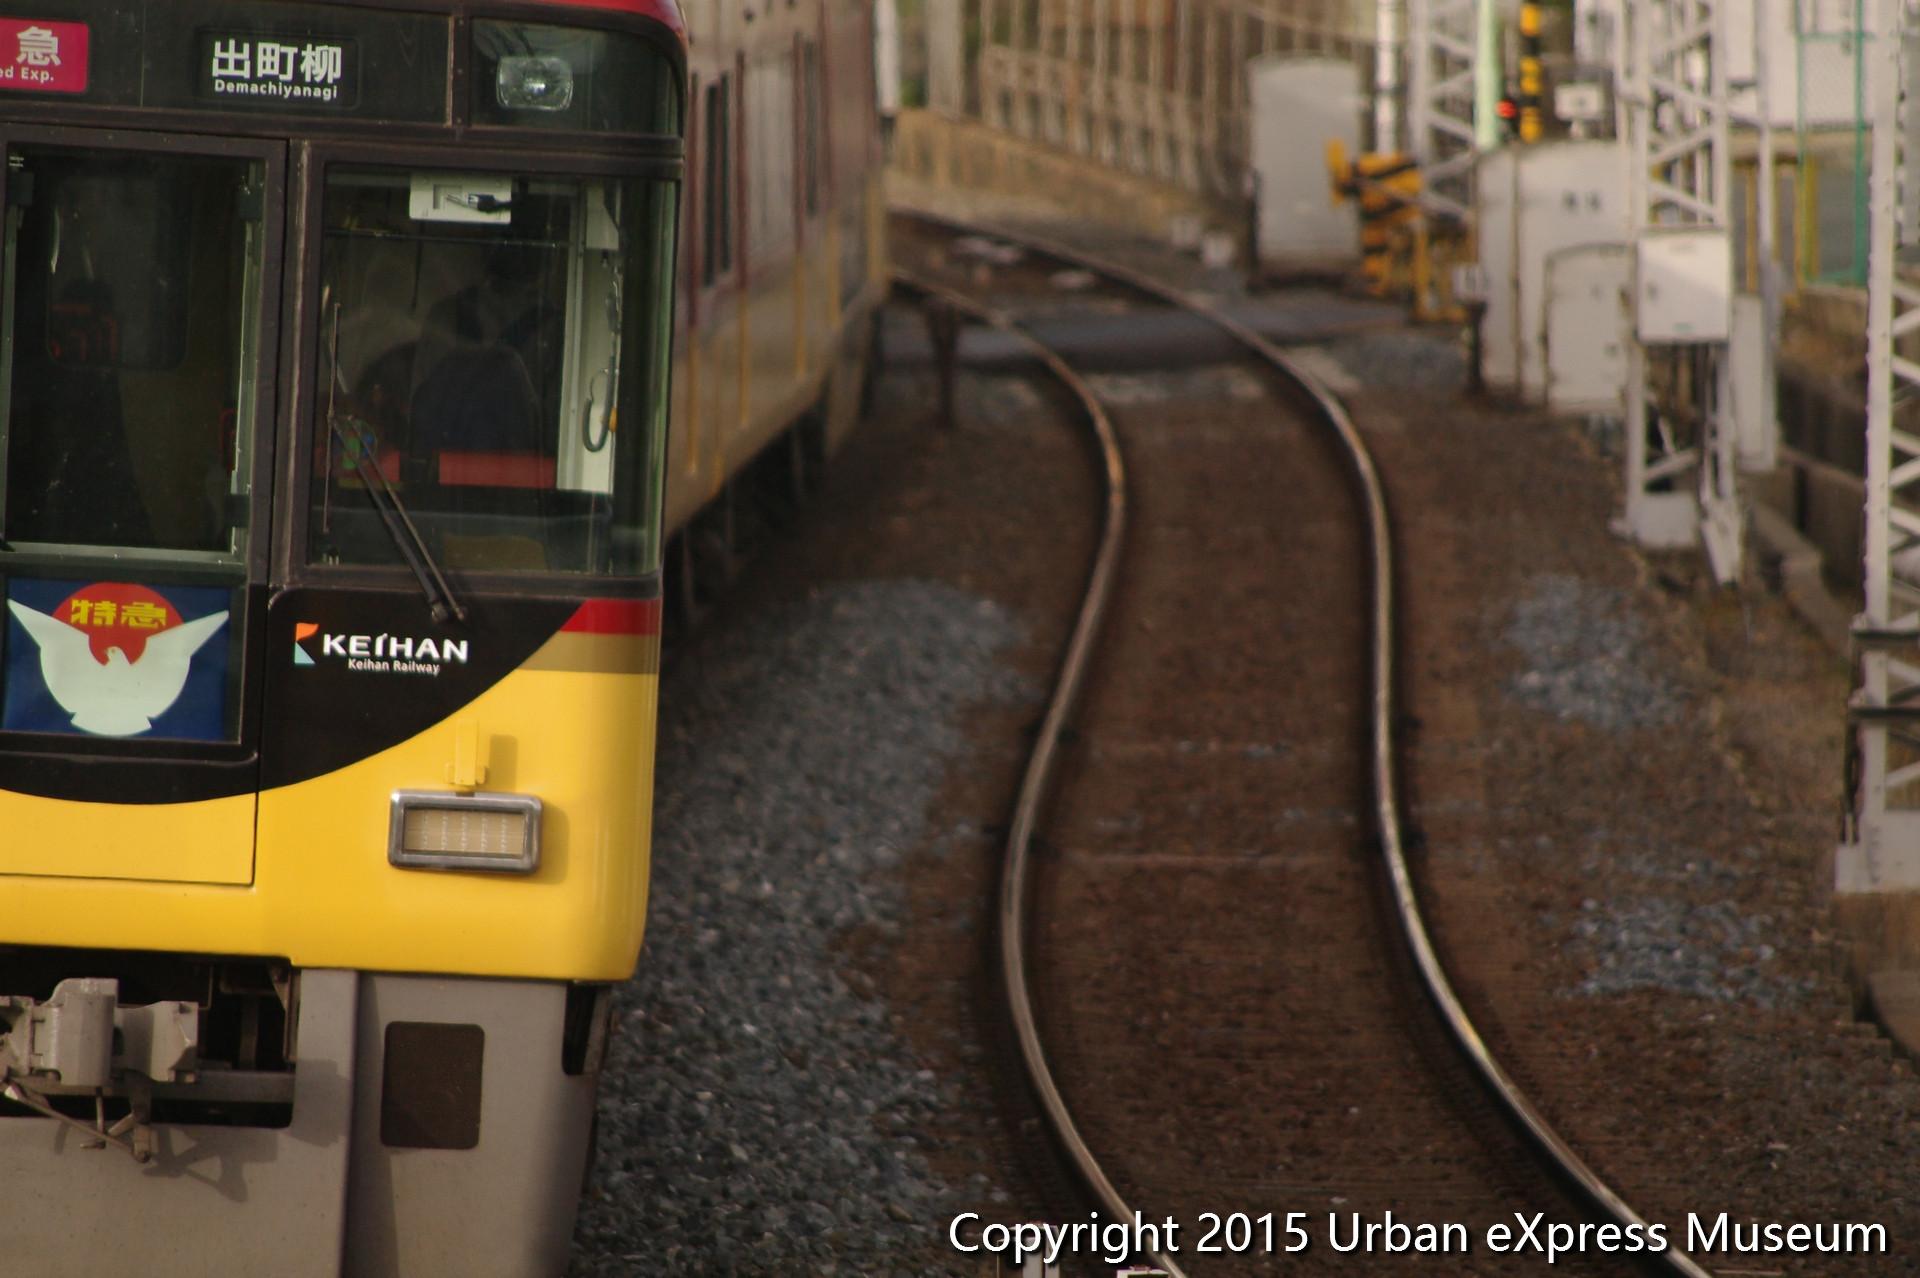 京阪8000系 - 列車とレール - Urban eXpress Museum